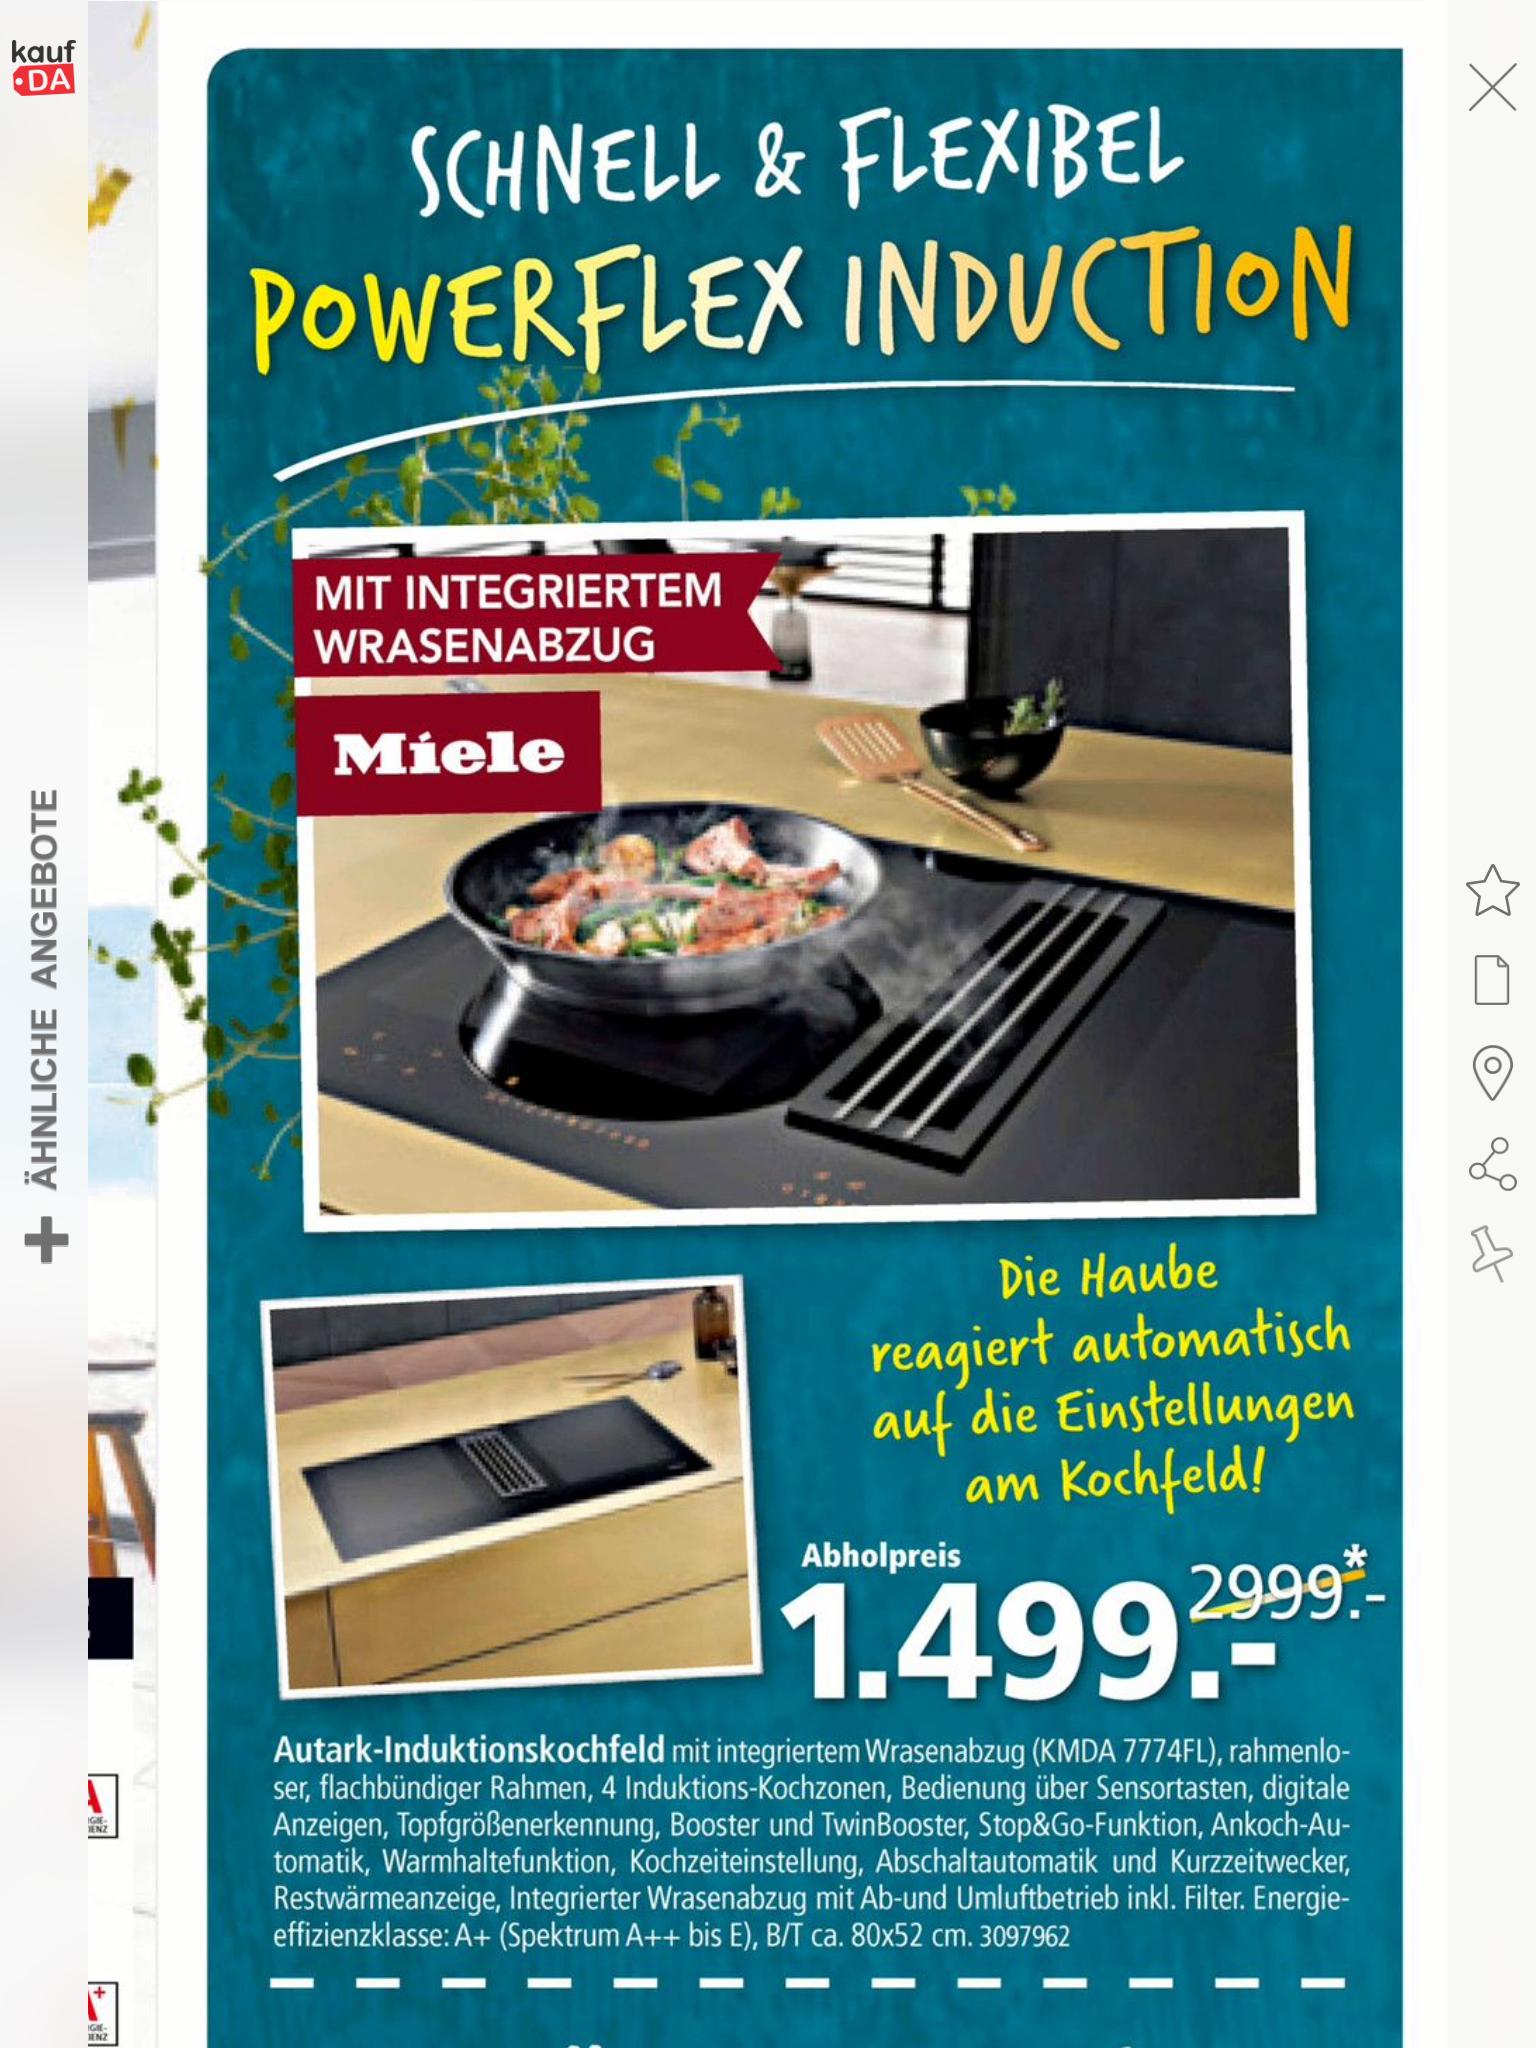 Miele Induktionskochfeld mit Absaugung KMDA7774 FL